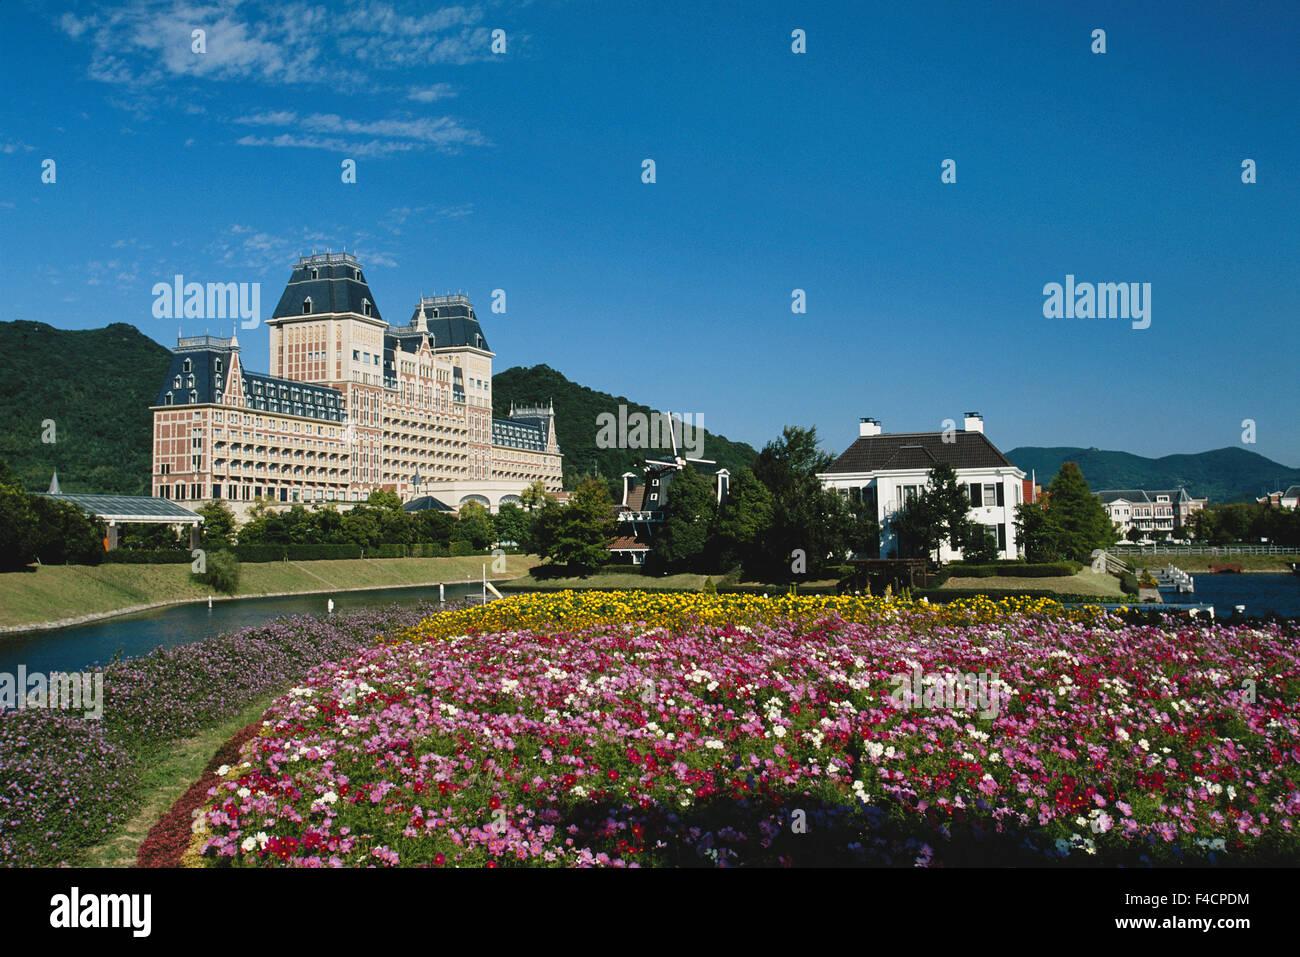 Japan, Kyushu, Nagasaki, Sasebo, Huis ten Bosch  Hotel at